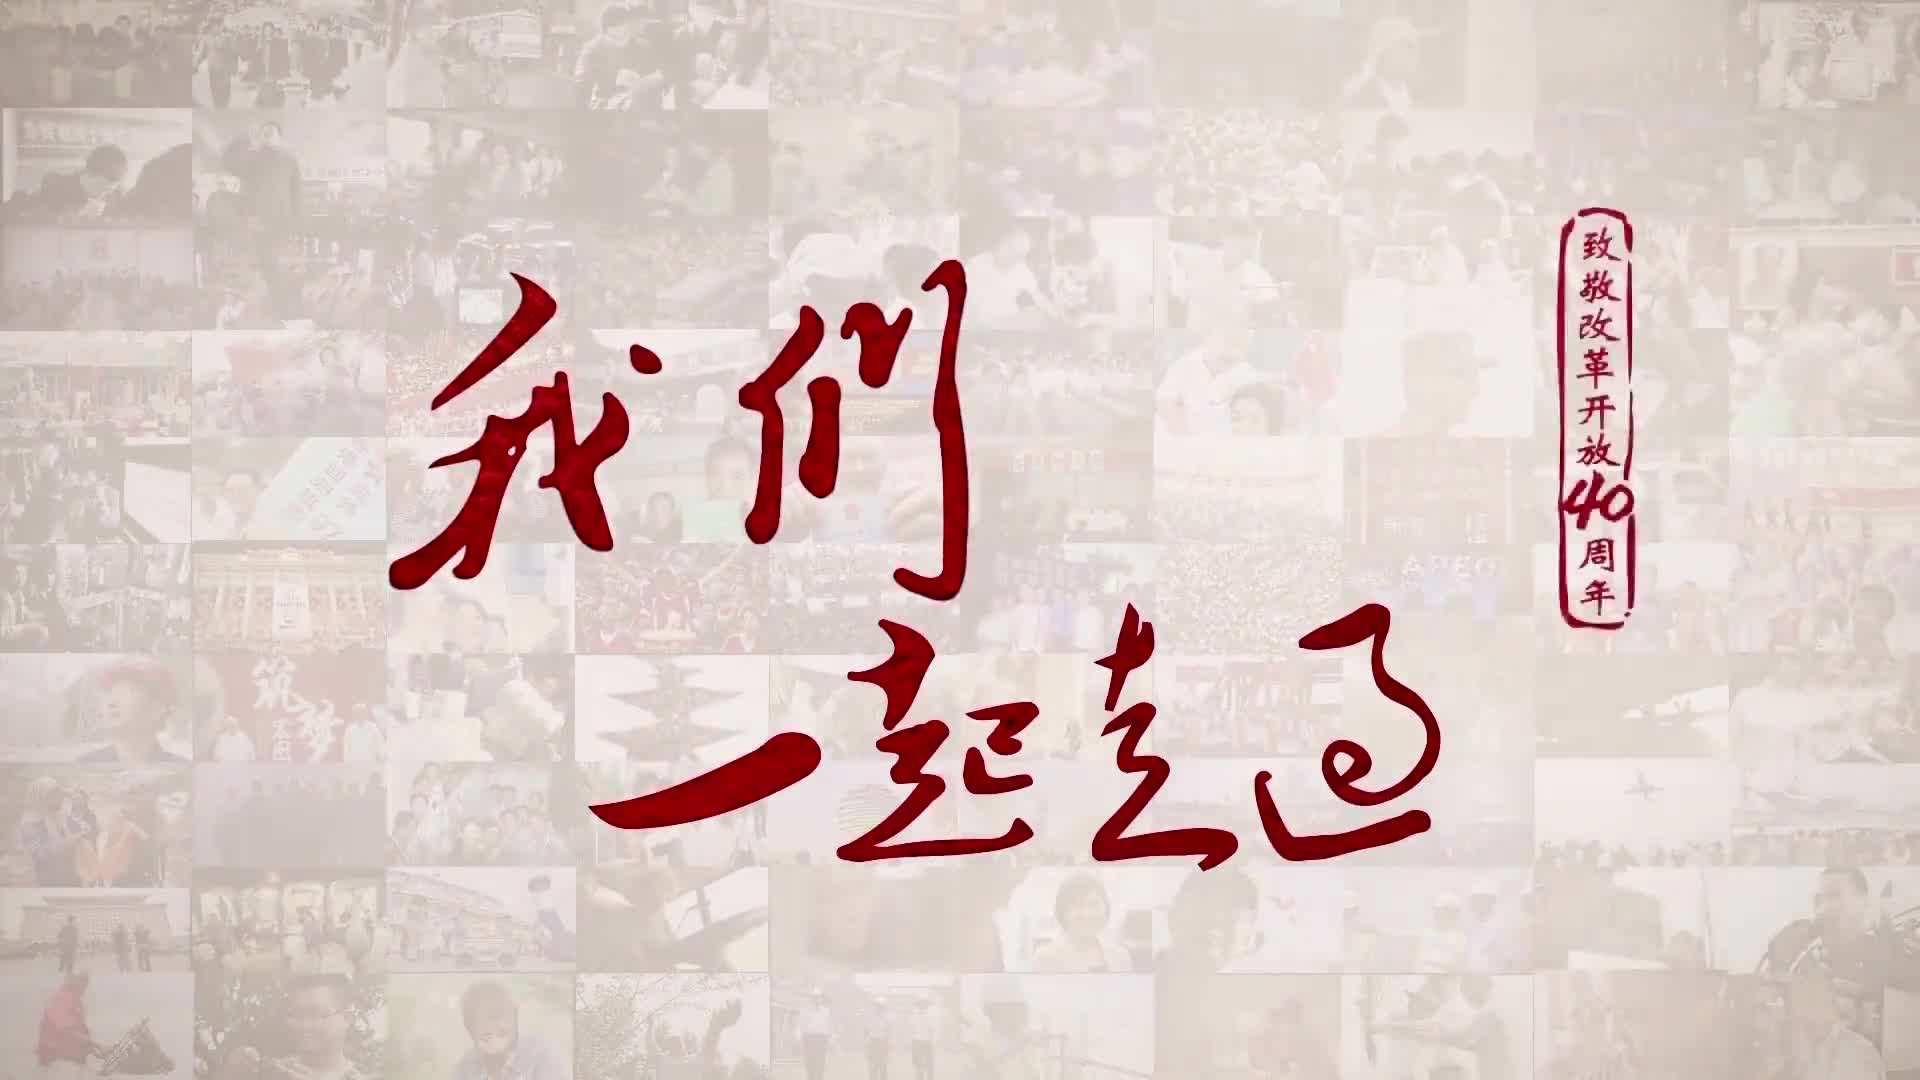 4分钟速览:大型电视纪录片《我们一起走过》第十五集、第十六集